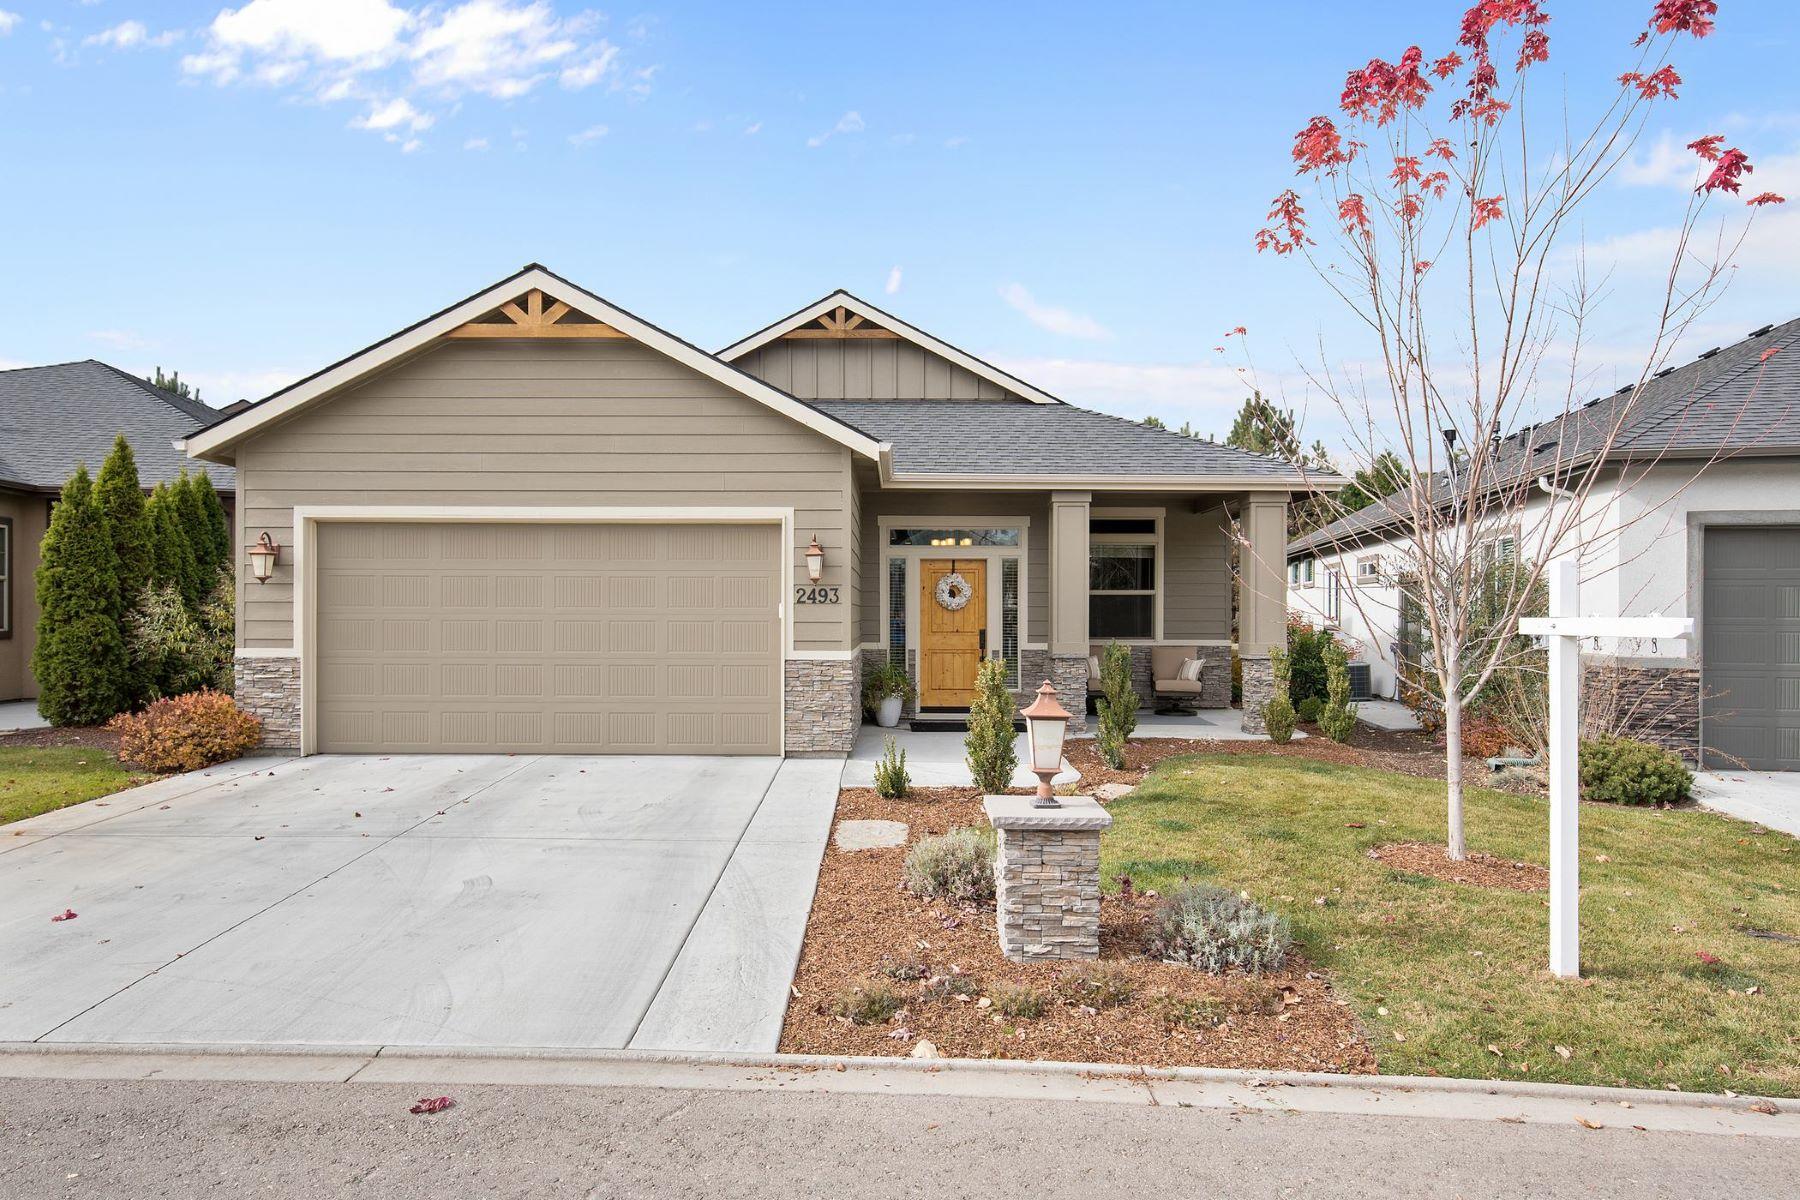 Tek Ailelik Ev için Satış at 2493 Creek Pointe Ln, Eagle 2493 S Creek Pointe Ln, Eagle, Idaho, 83616 Amerika Birleşik Devletleri